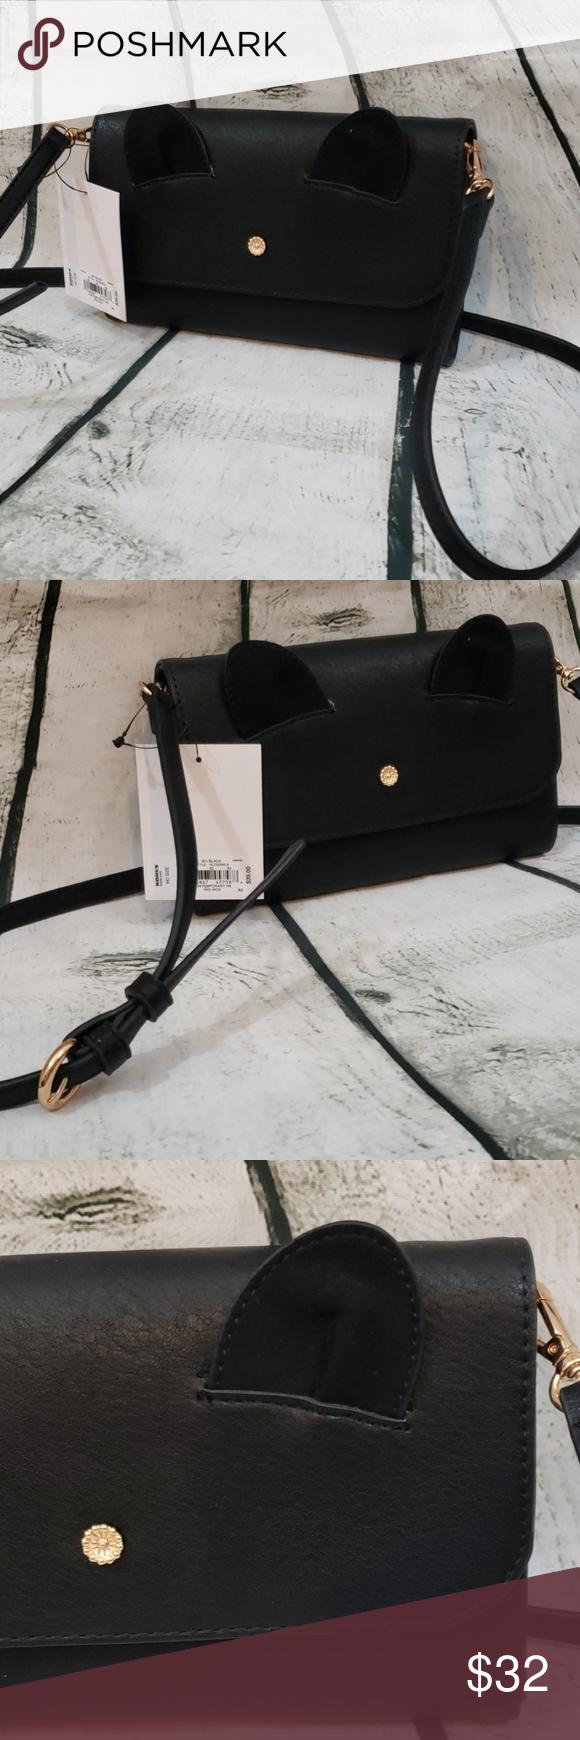 NWT LC lauren Conrad smallblack cat purse New. Crossbody. LC Lauren Conrad Bags Crossbody Bags #laurenconradhair NWT LC lauren Conrad smallblack cat purse New. Crossbody. LC Lauren Conrad Bags Crossbody Bags #laurenconradhair